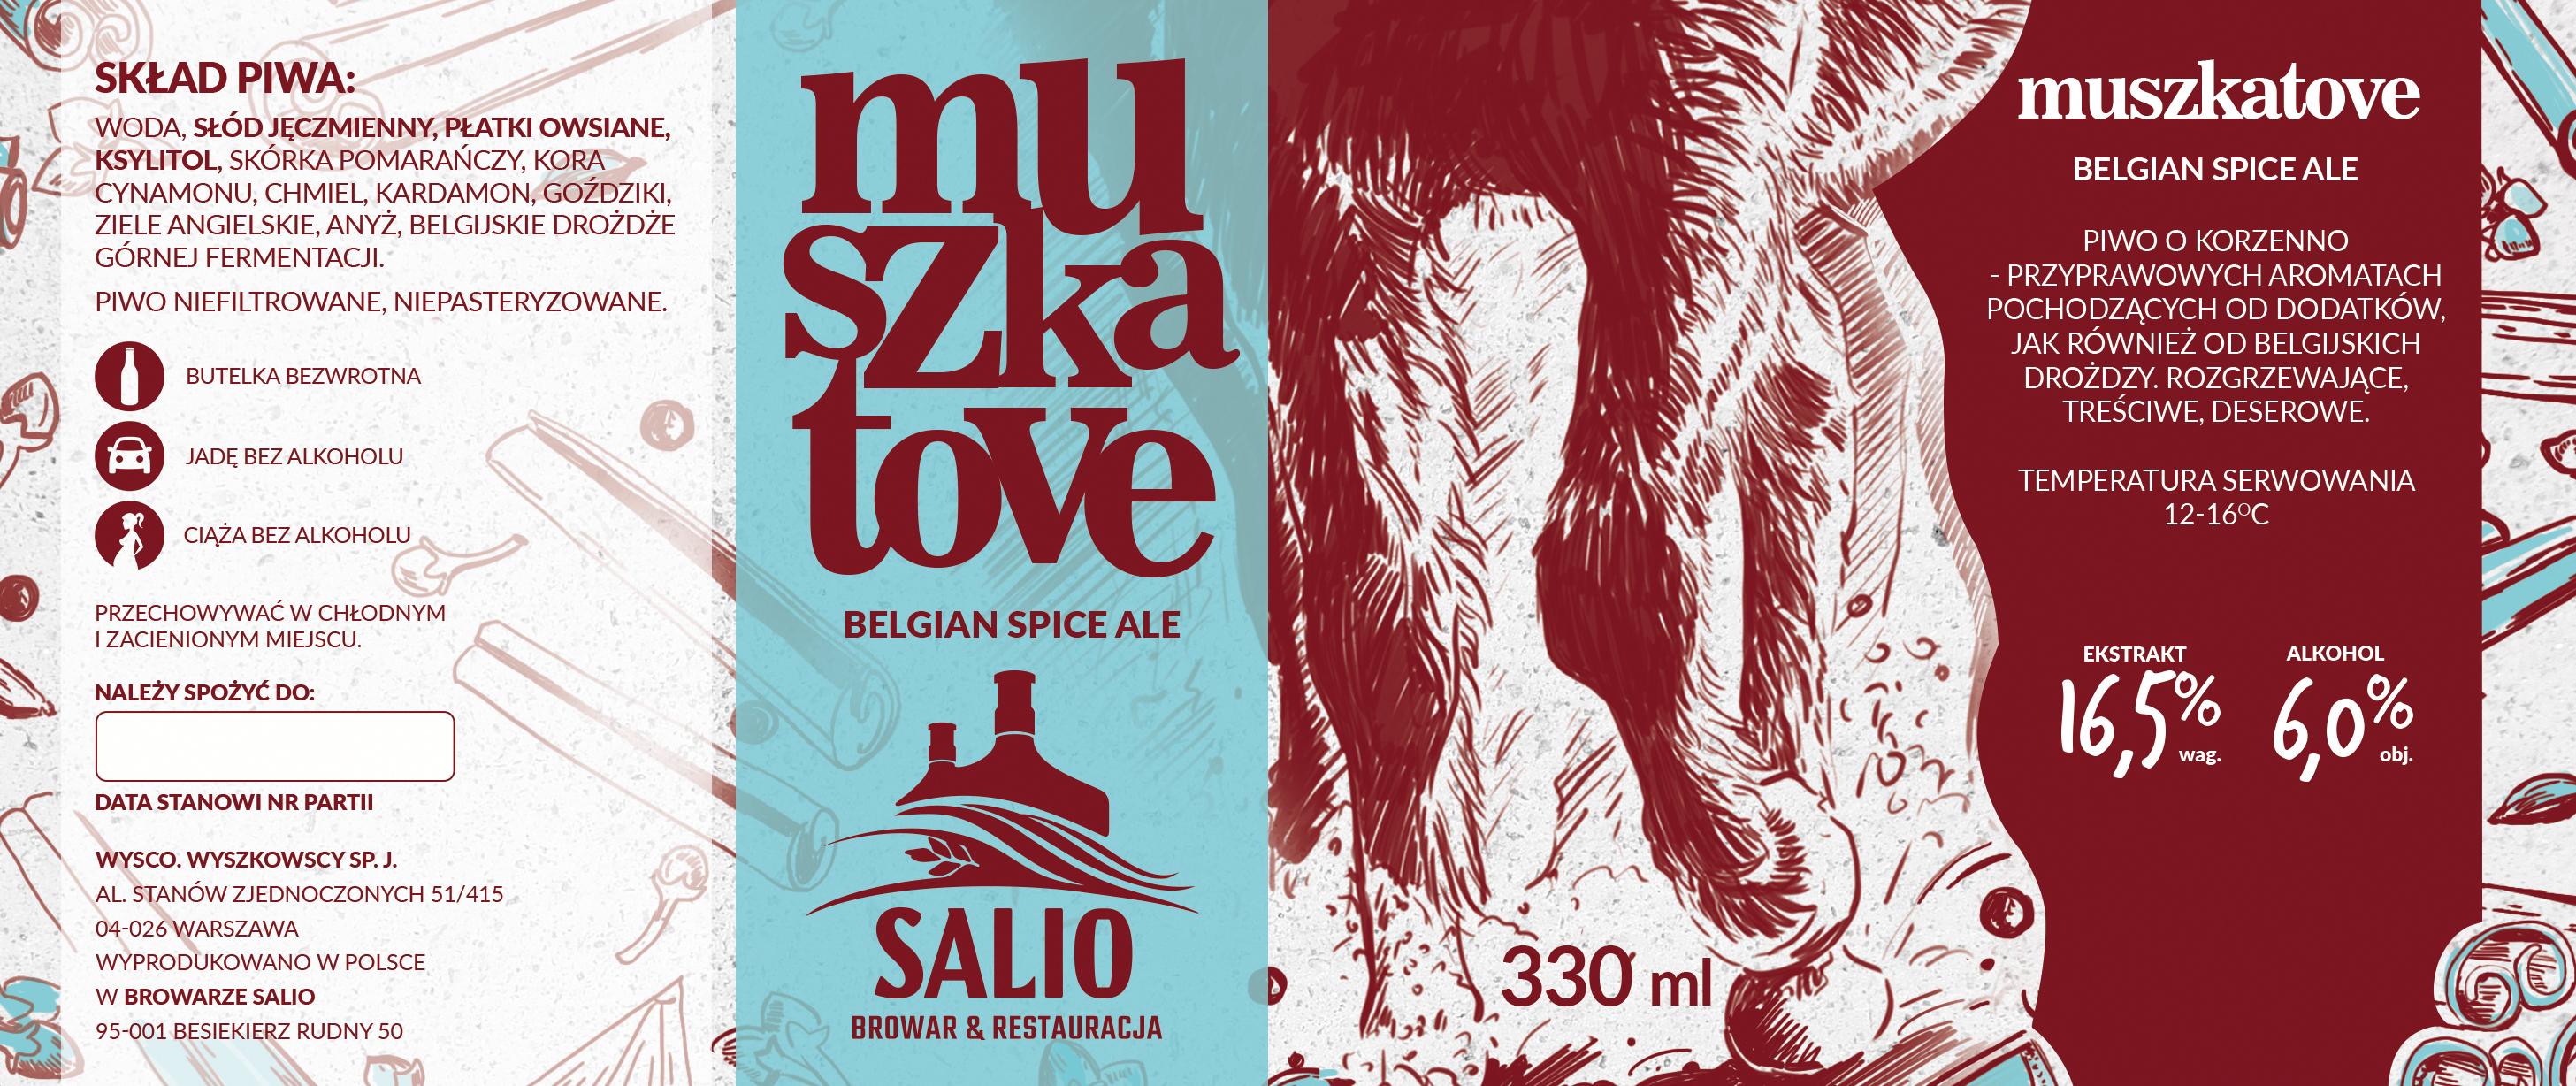 Salio - ośrodek jeździecki, browar restauracyjny. 8